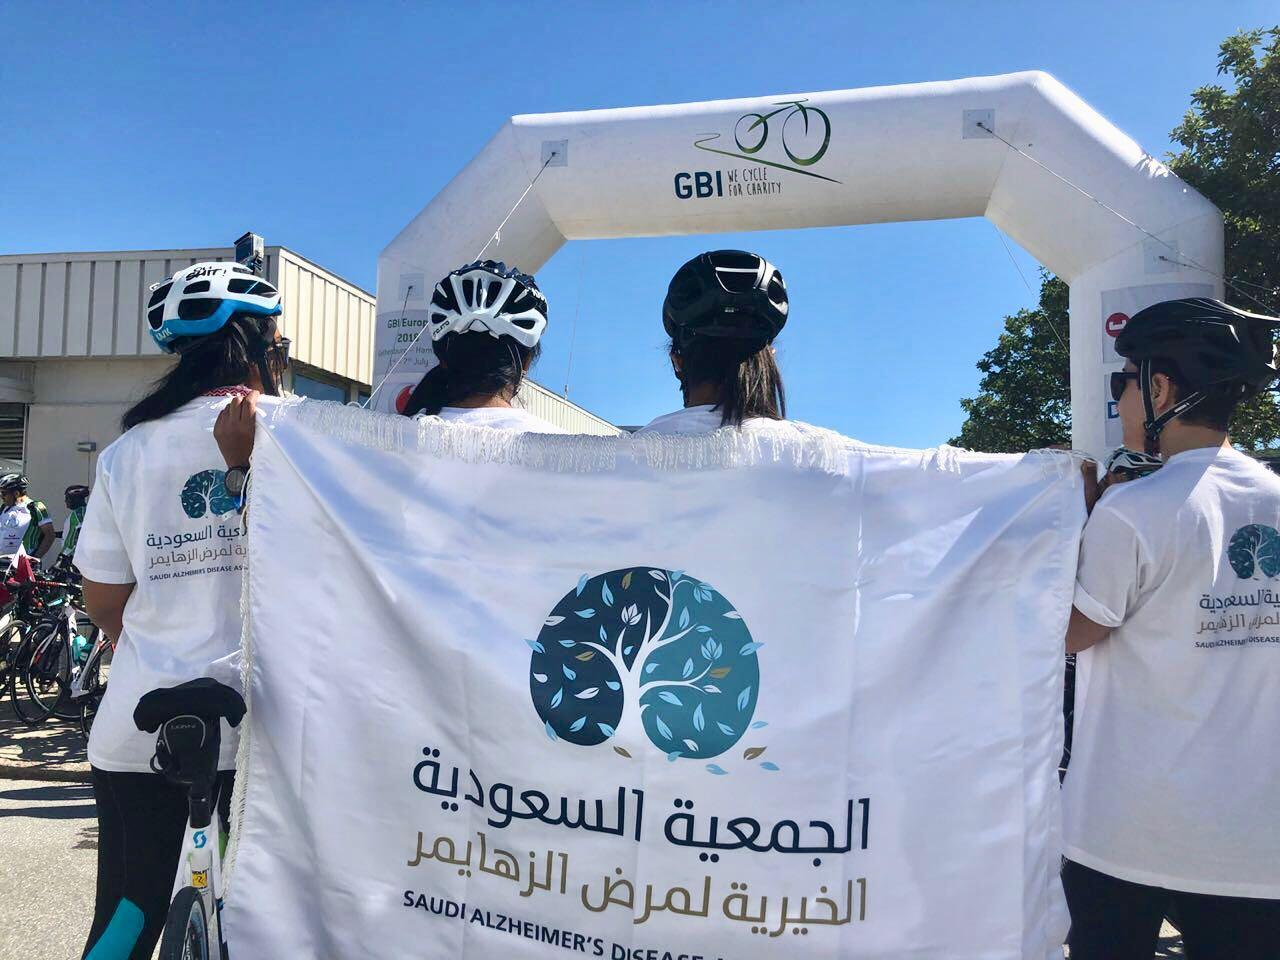 فريق نسائي عالمي يدعو للتضامن مع مرضى ألزهايمر